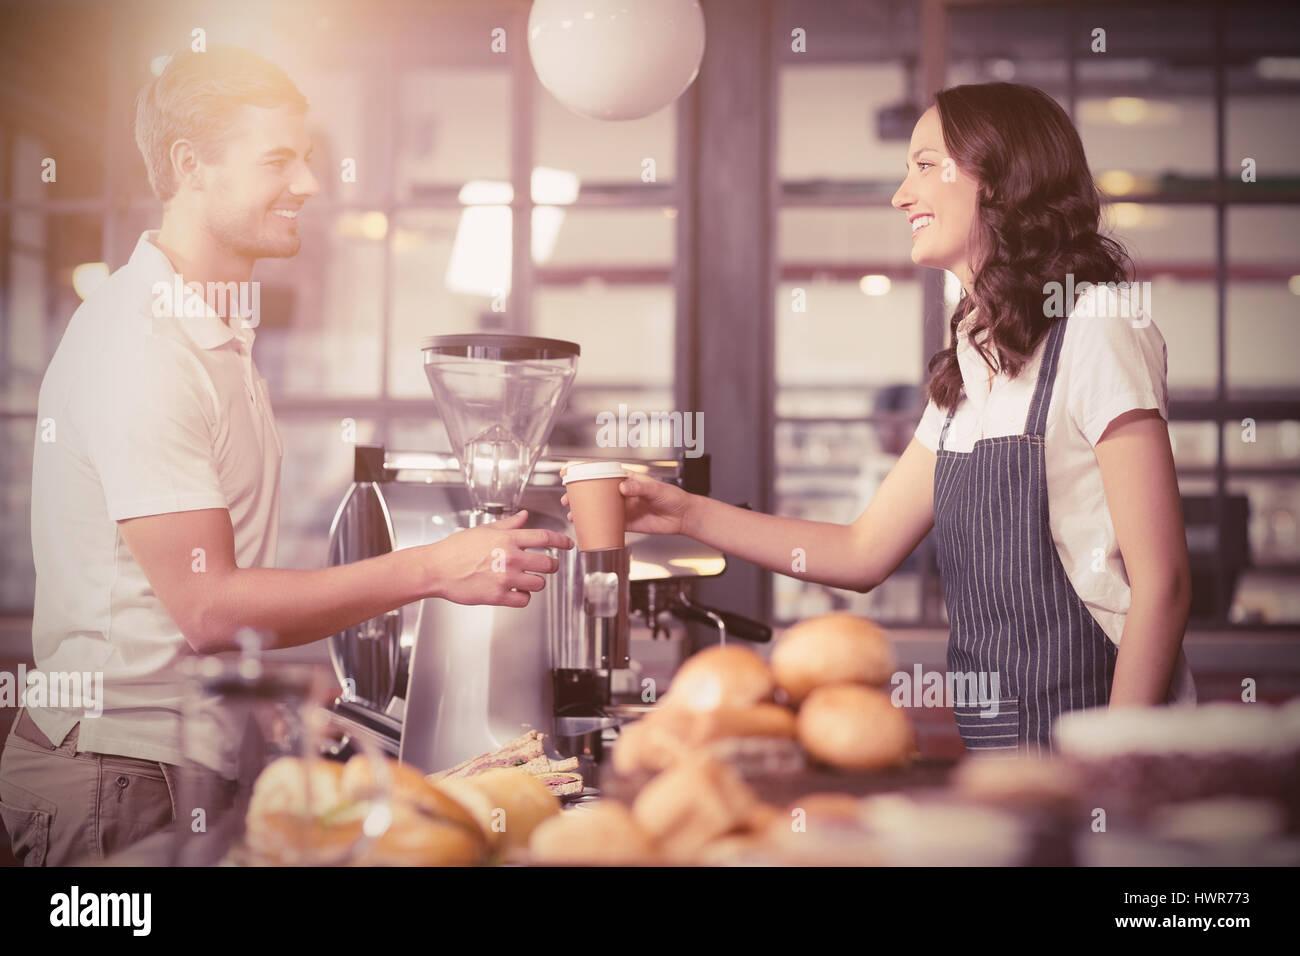 Flare contre pretty smiling barista au service client Photo Stock